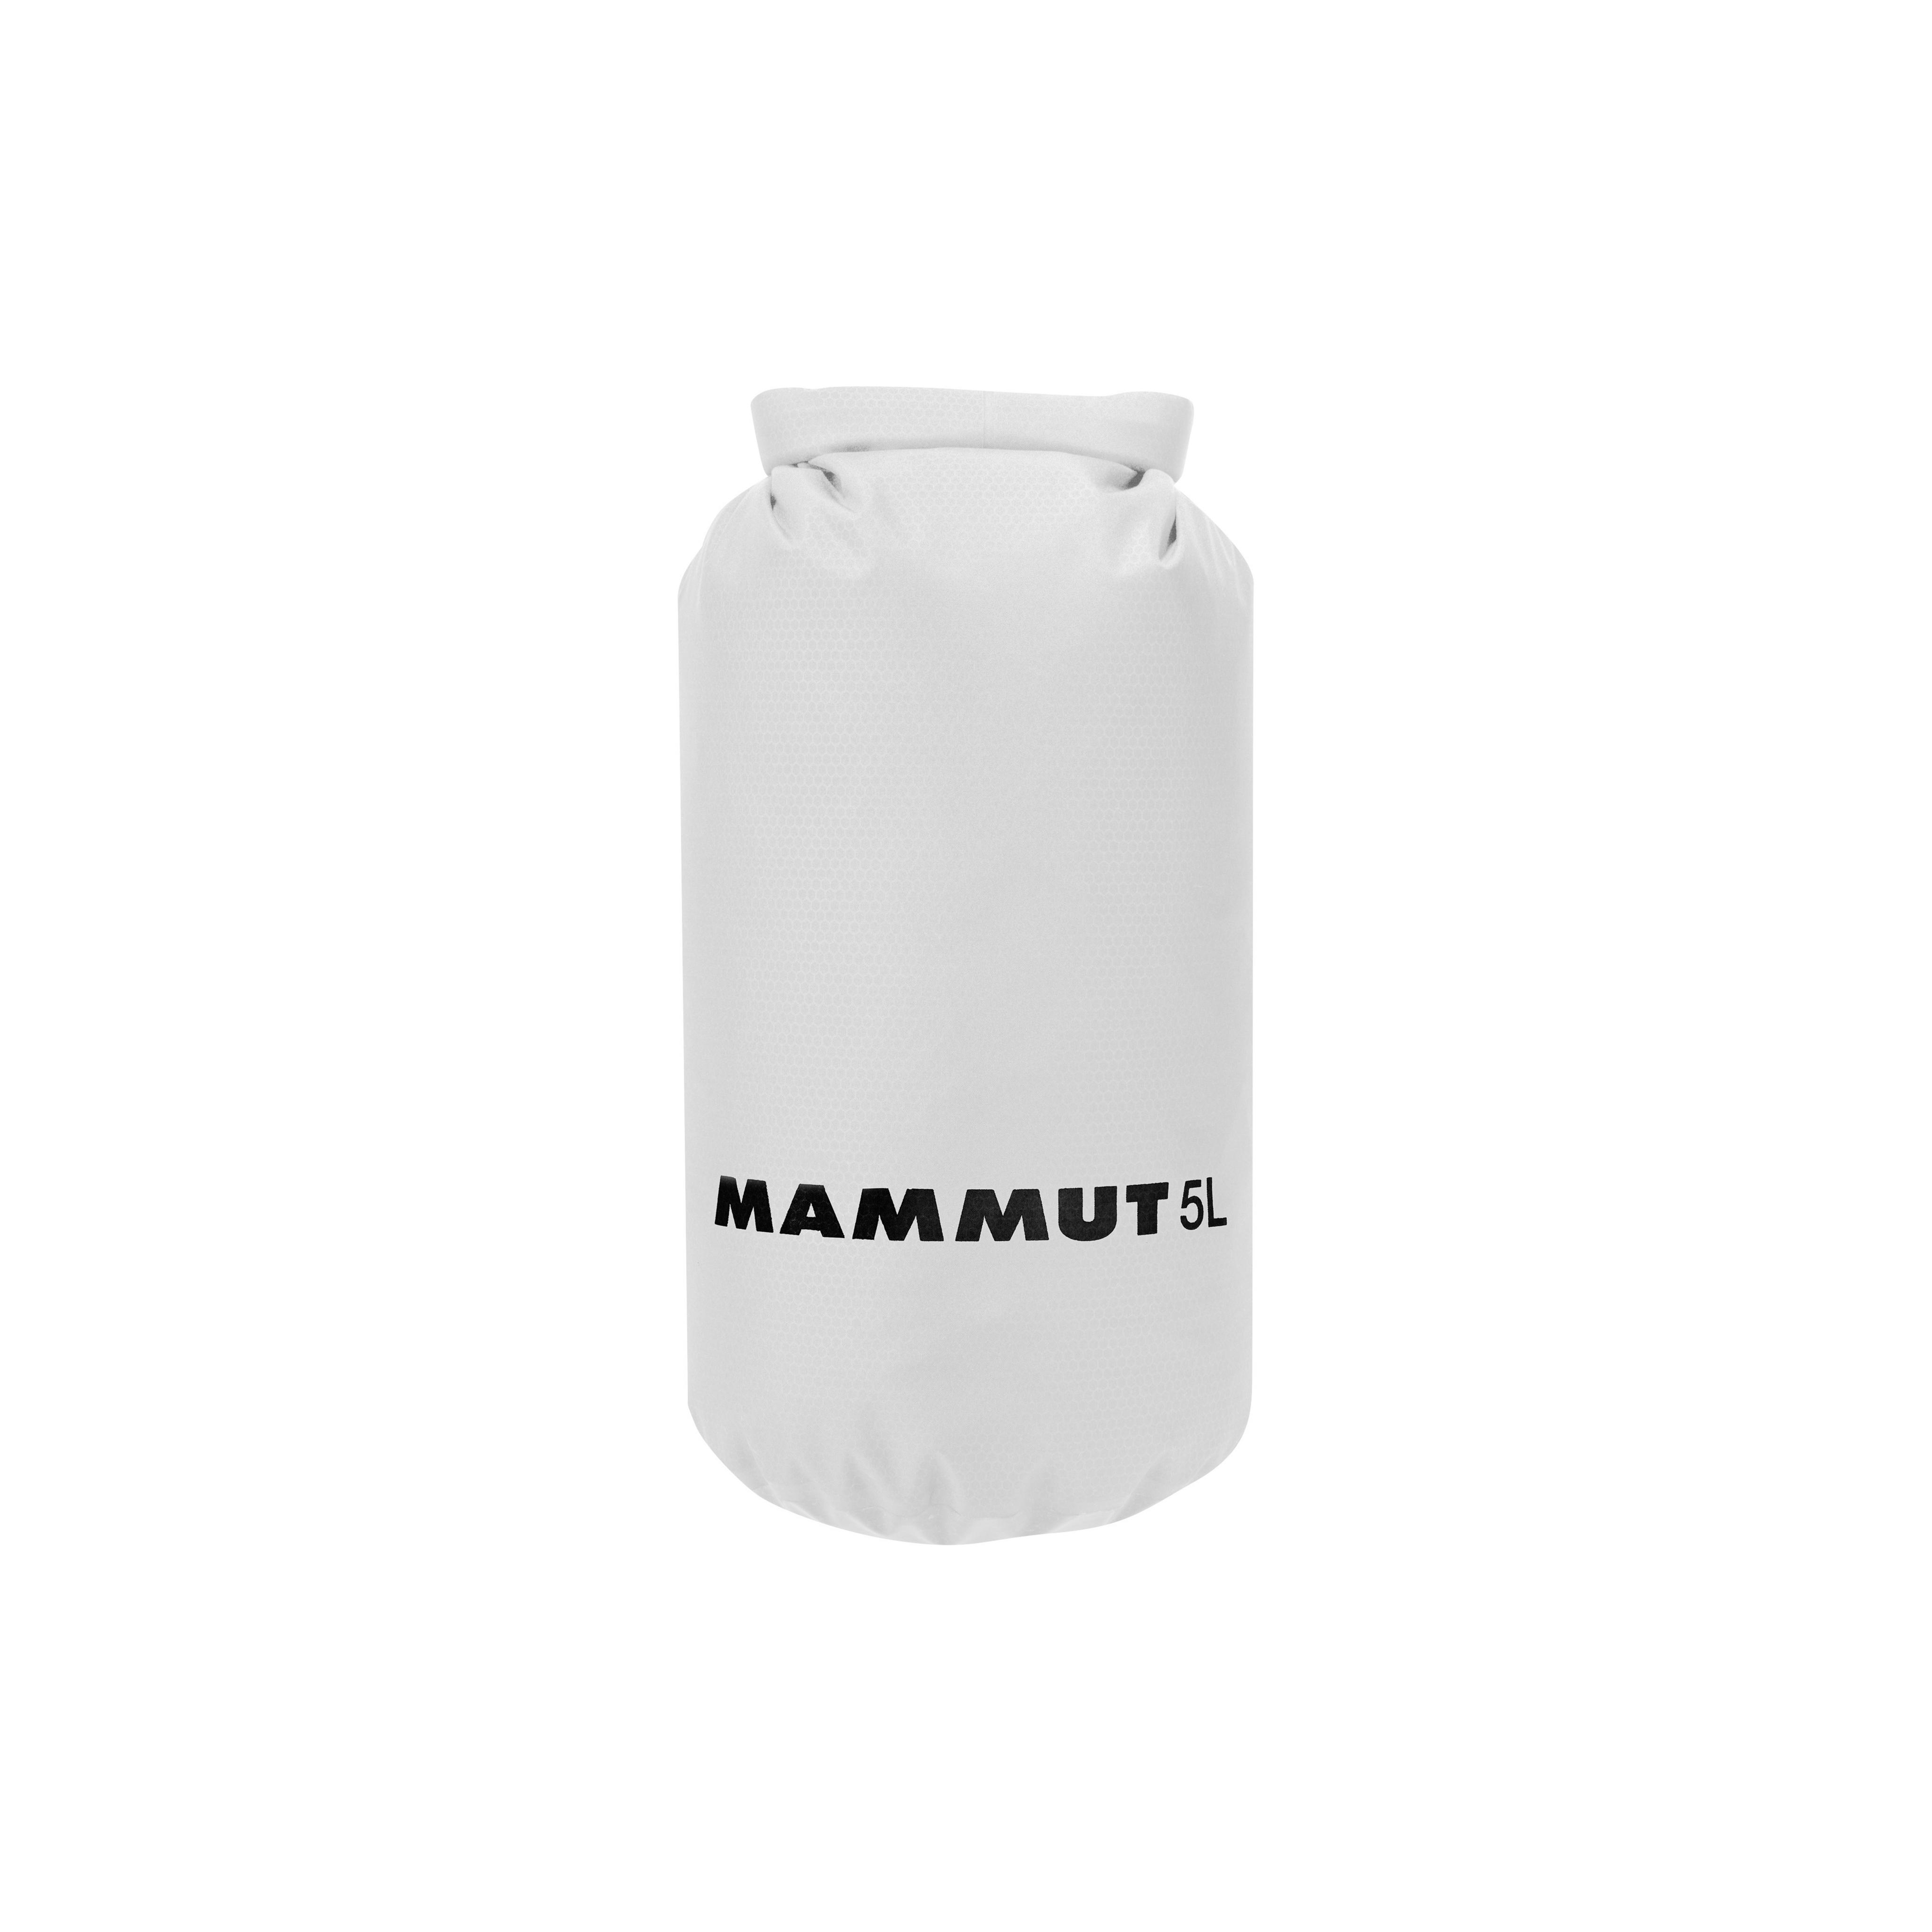 Drybag Light - 5 L, white thumbnail